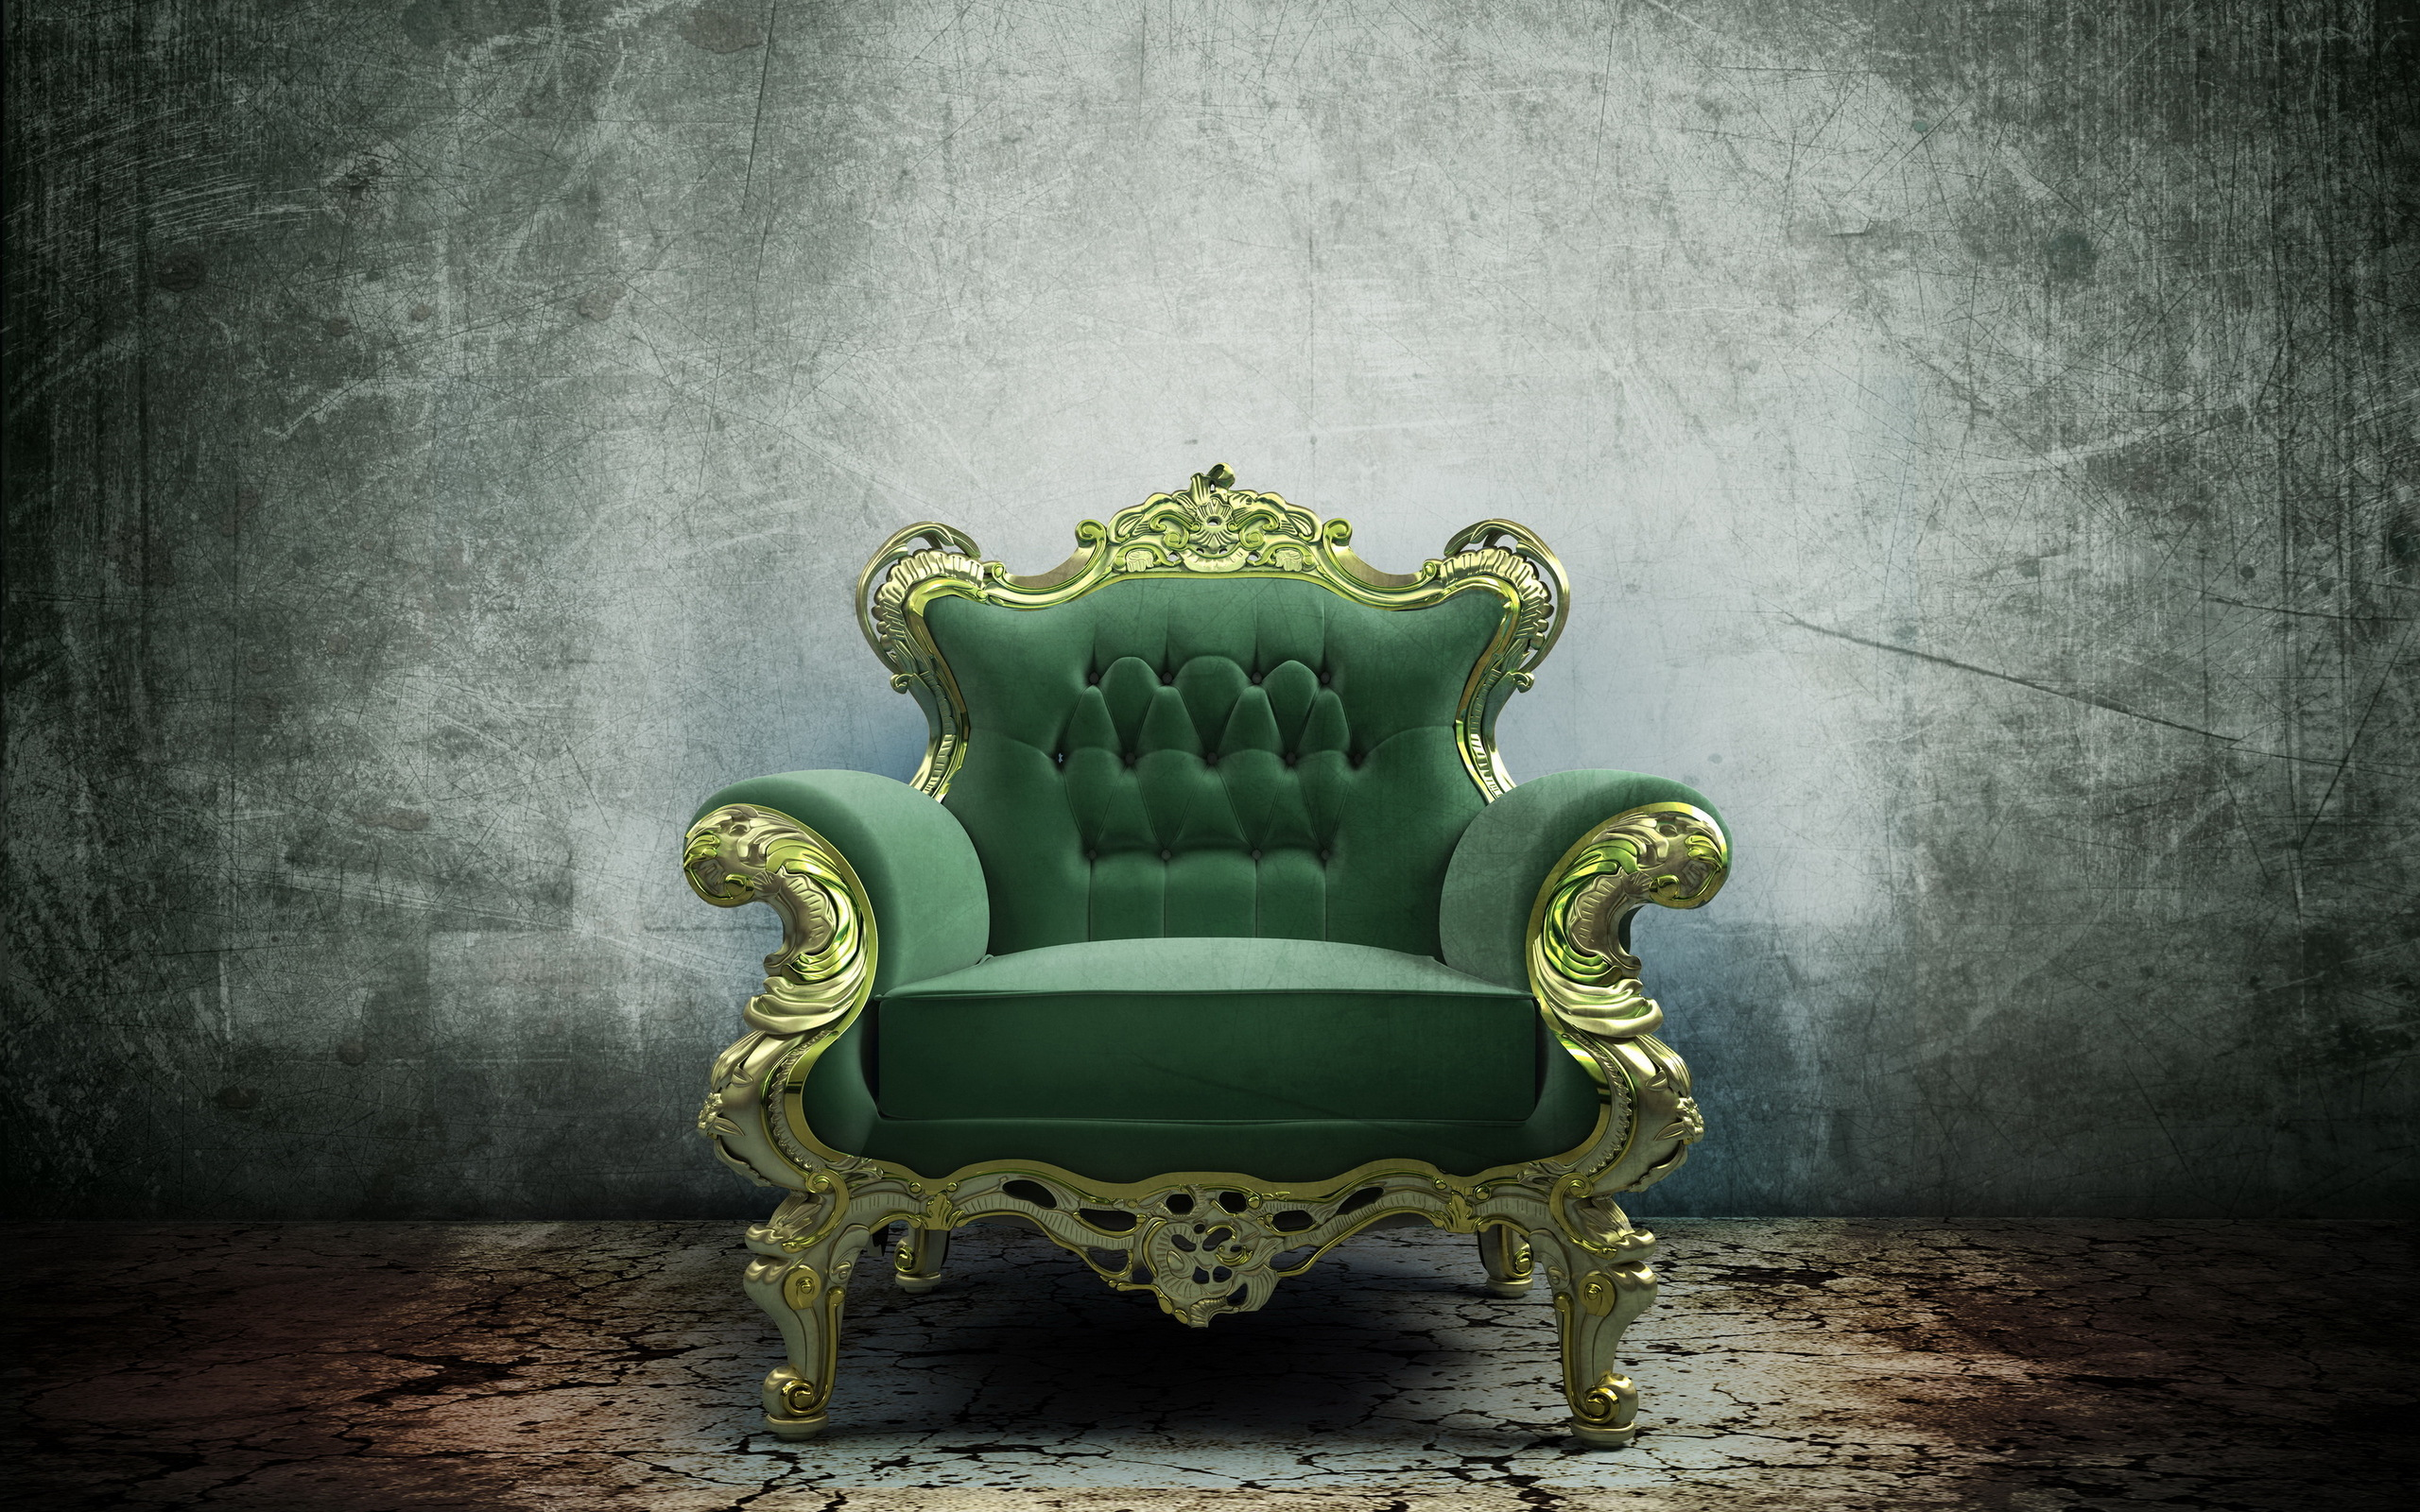 Wallpaper Furniture Images Wallpapersafari